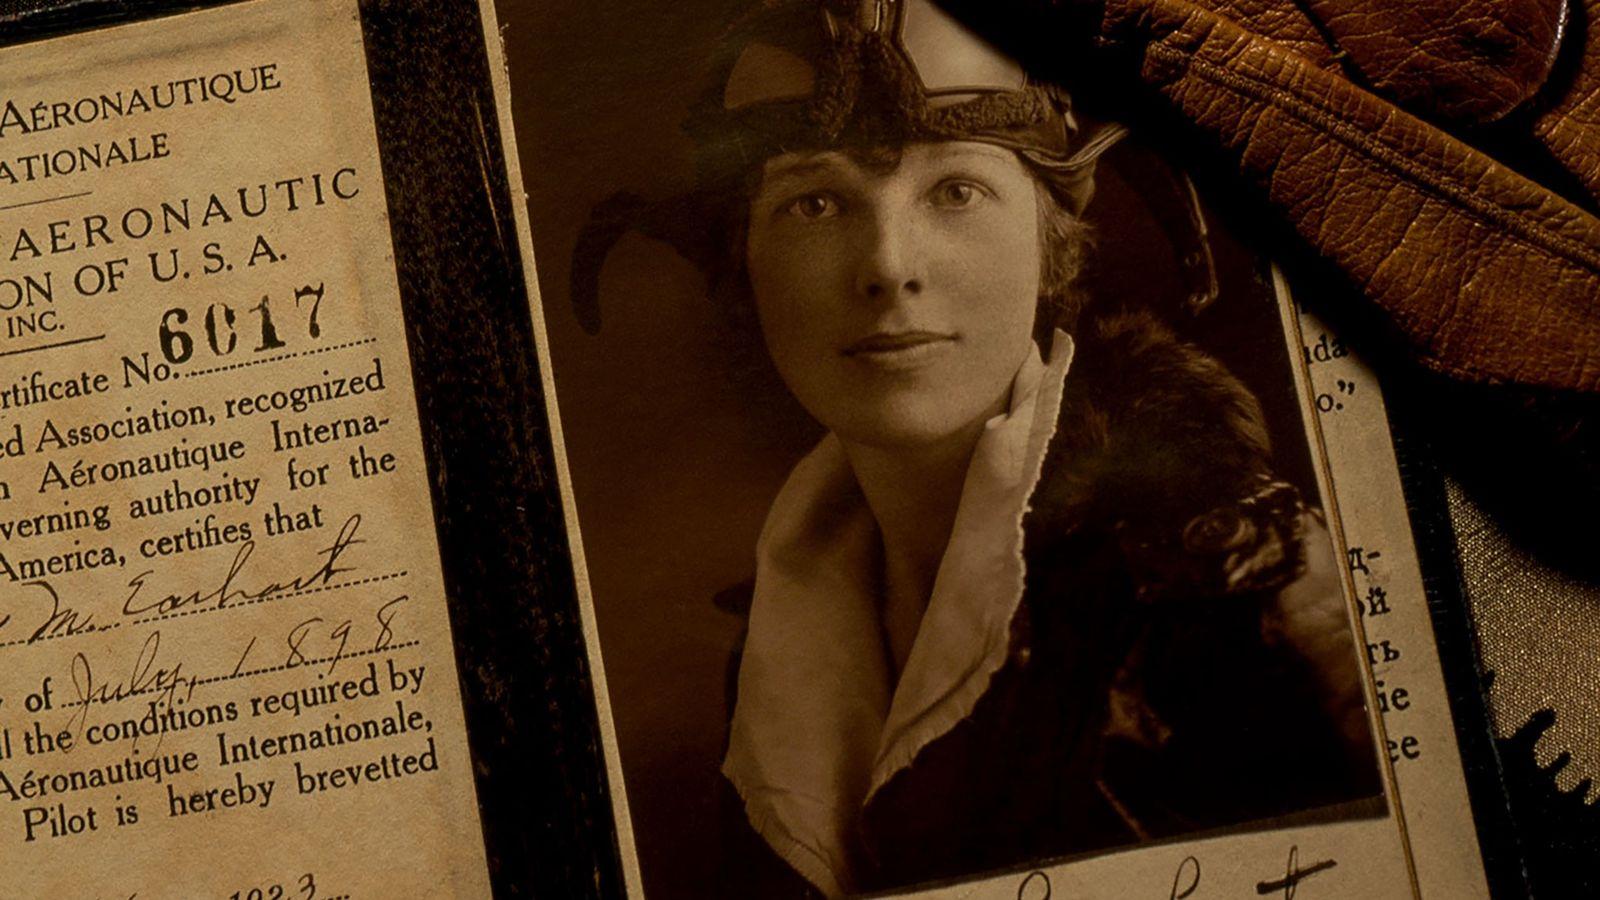 Certifiée aviatrice seulement deux décennies après le premier vol des frères Wright, Earhart utilisa sa renommée ...